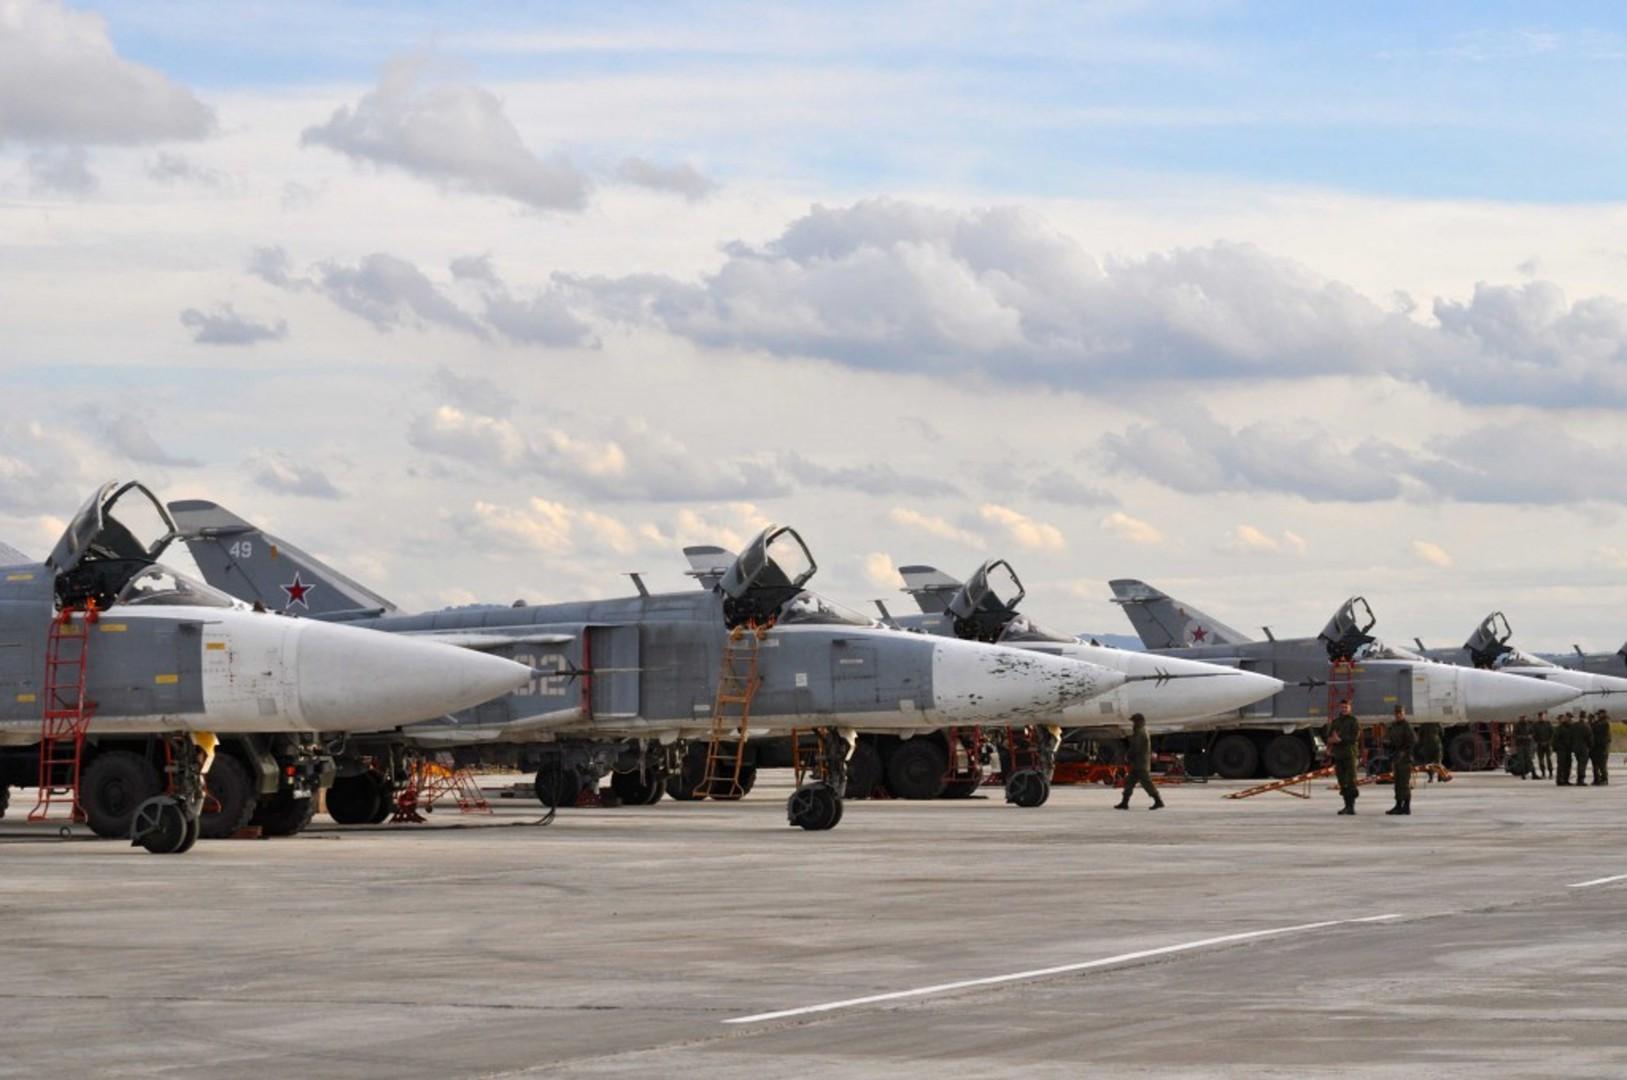 Caccia-bombardieri-russi-nella-base-aerea-di-Hmeymim-in-Siria-a-30-chilometri-dal-Mar-Mediterraneo-1024x680